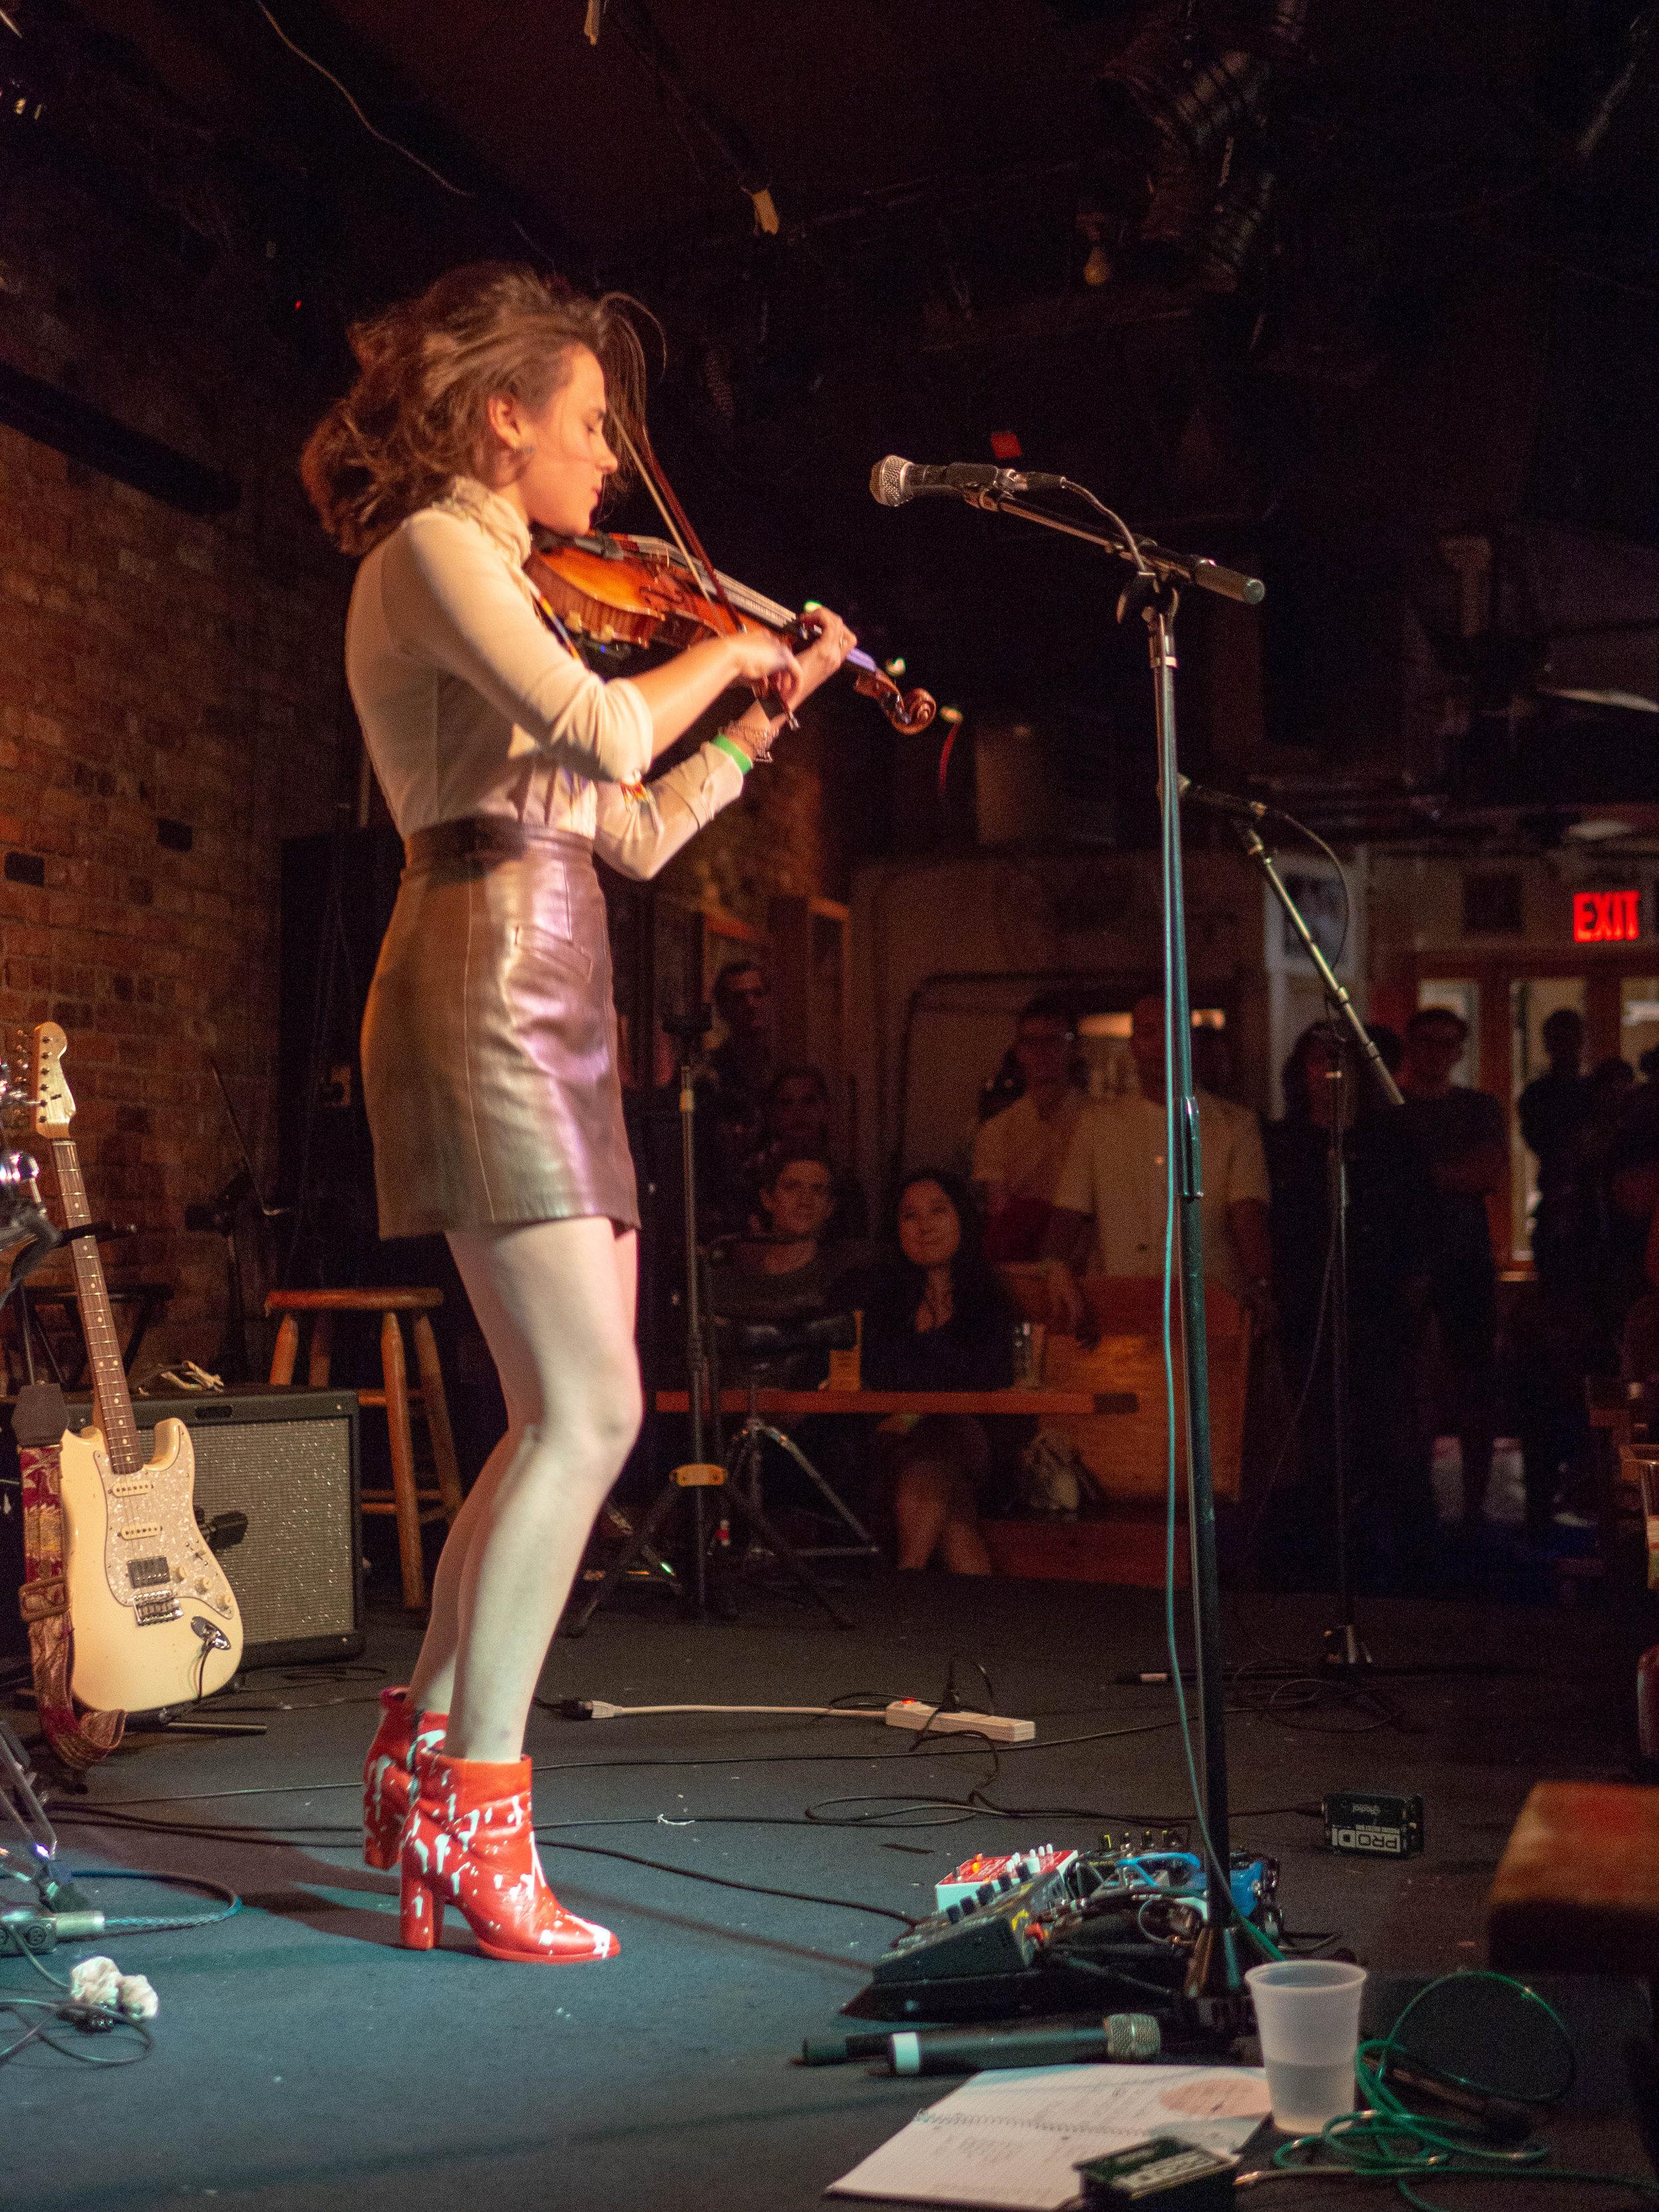 morgan-weidinger-violin-music-musician-artmatr-nyc-new-york